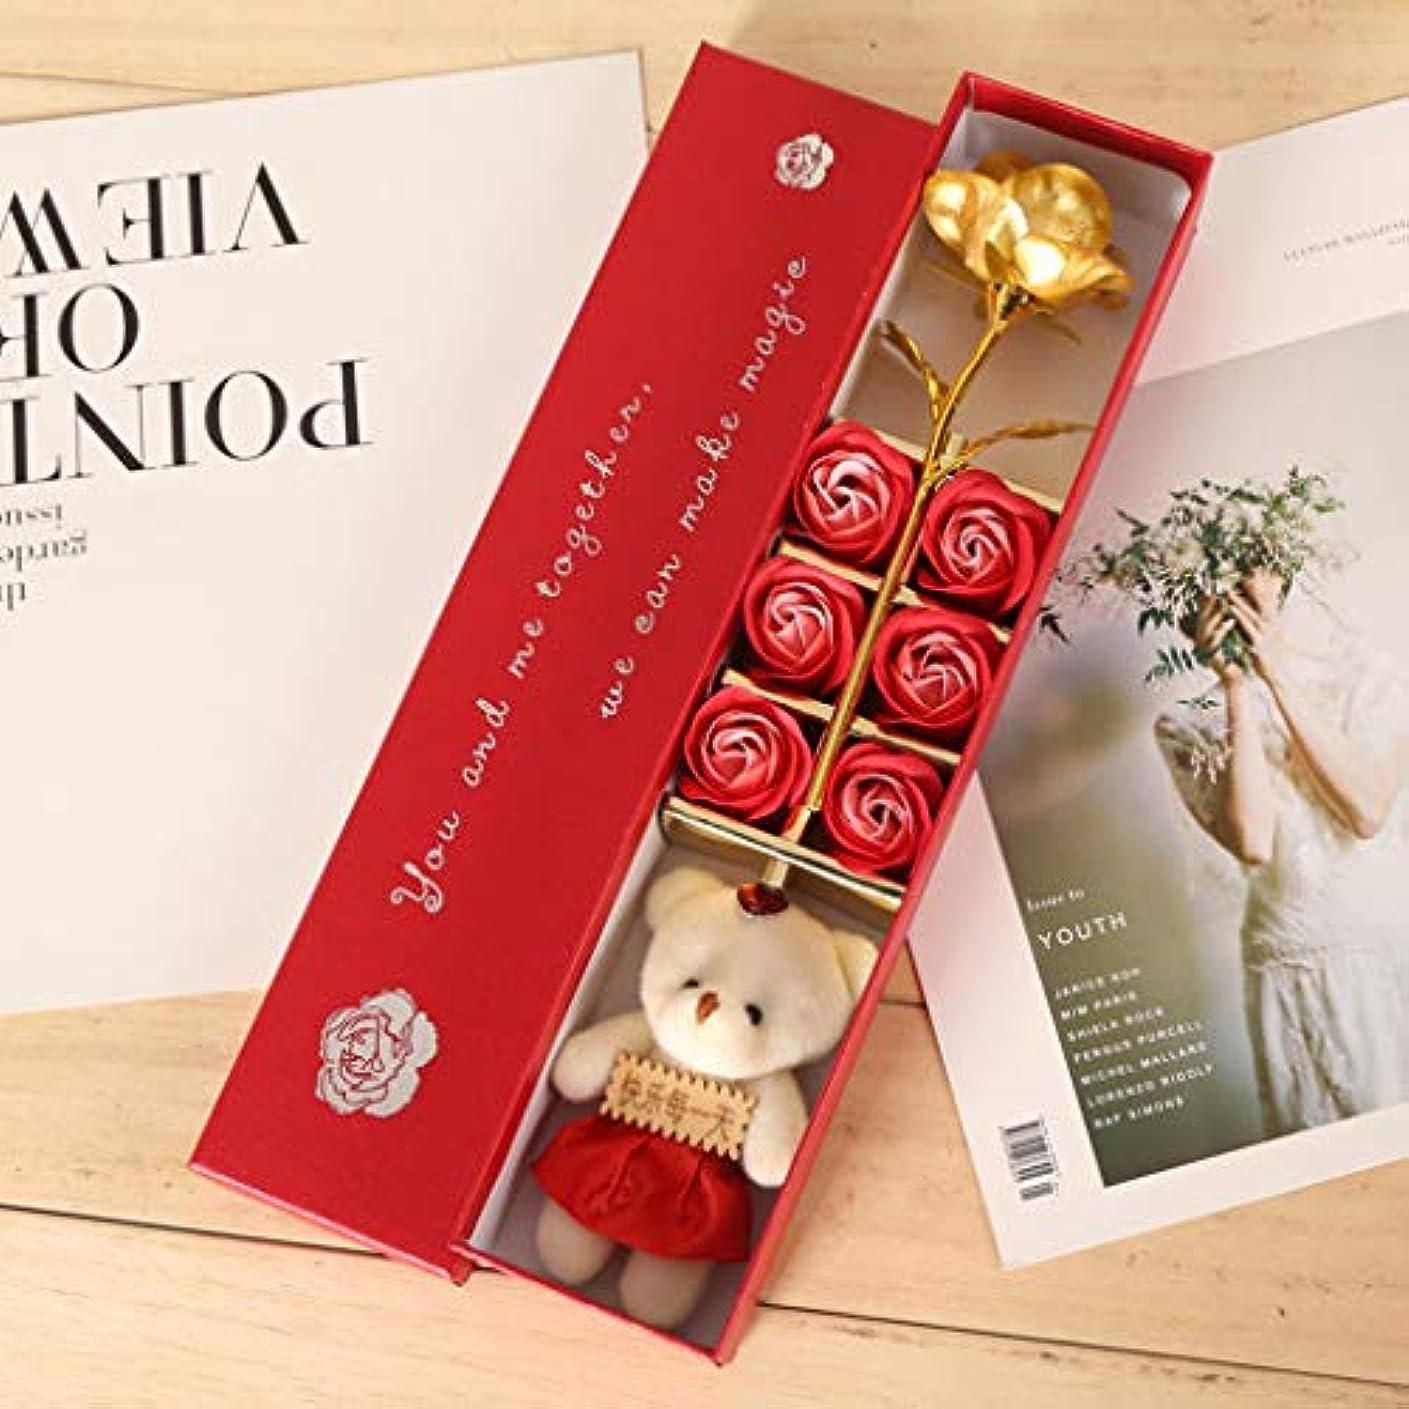 掃く削減千【ゴールデンローズギフトボックス】6石鹸のバラの花/せっけんの花/かわいいバラ/素敵な女の子/ママへのユニークな贈り物/誕生日/母の日/記念日/バレンタインデー/卒業プレゼント/あなたが愛した人のための女性 (レッド)